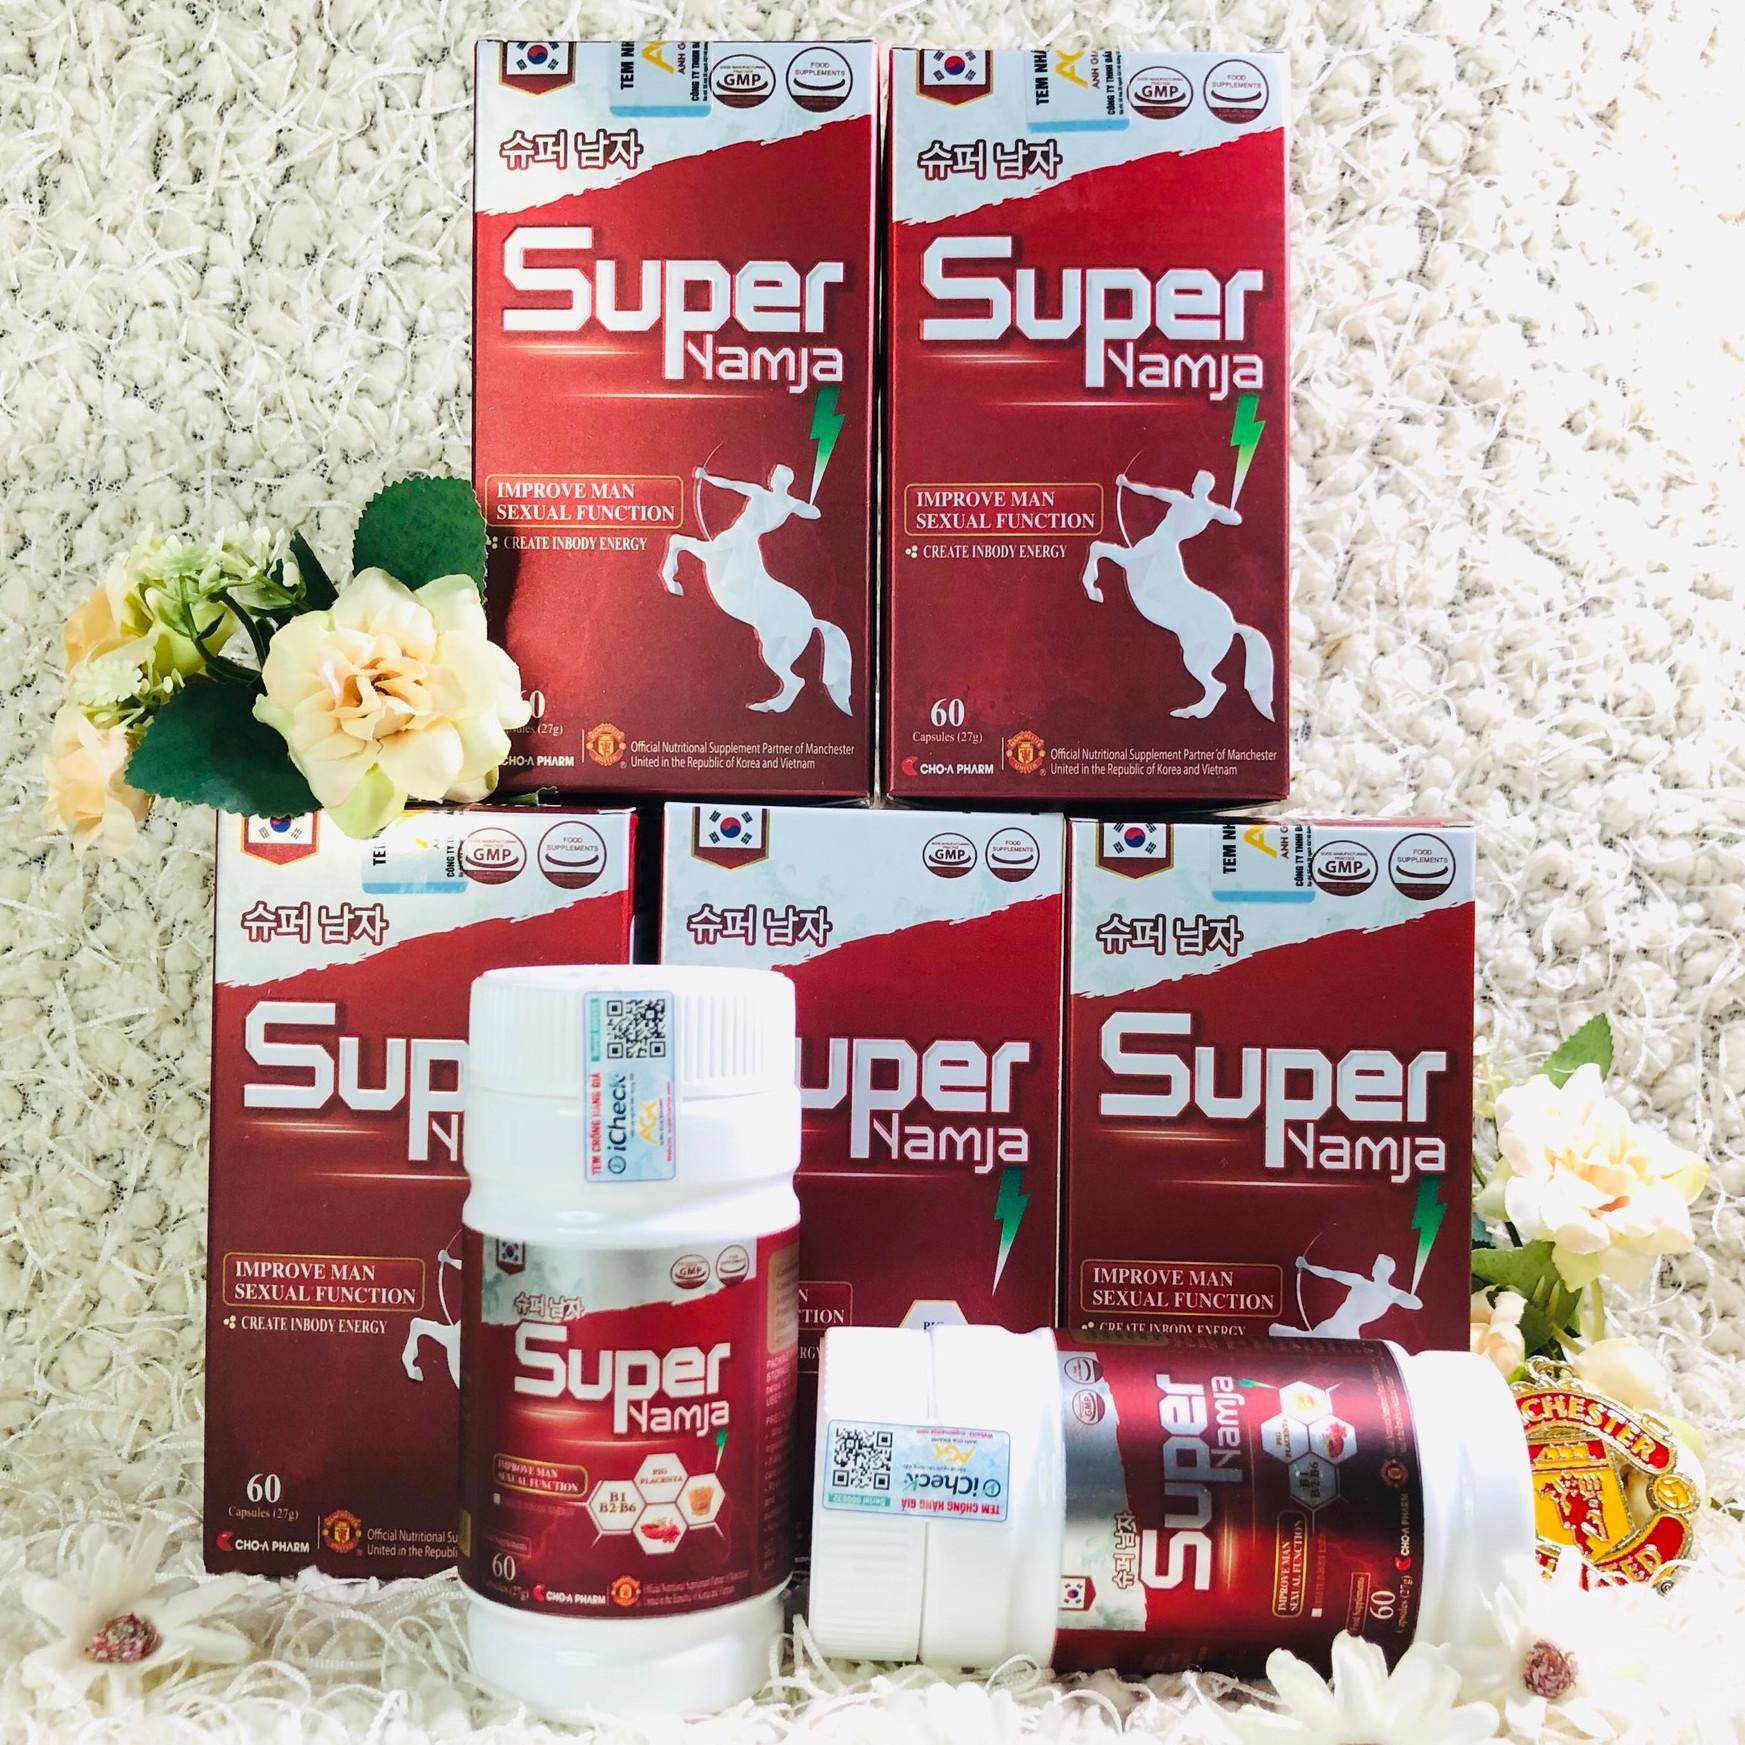 5 Hộp Thực Phẩm Bảo Vệ Sức Khỏe SUPER NAMJA